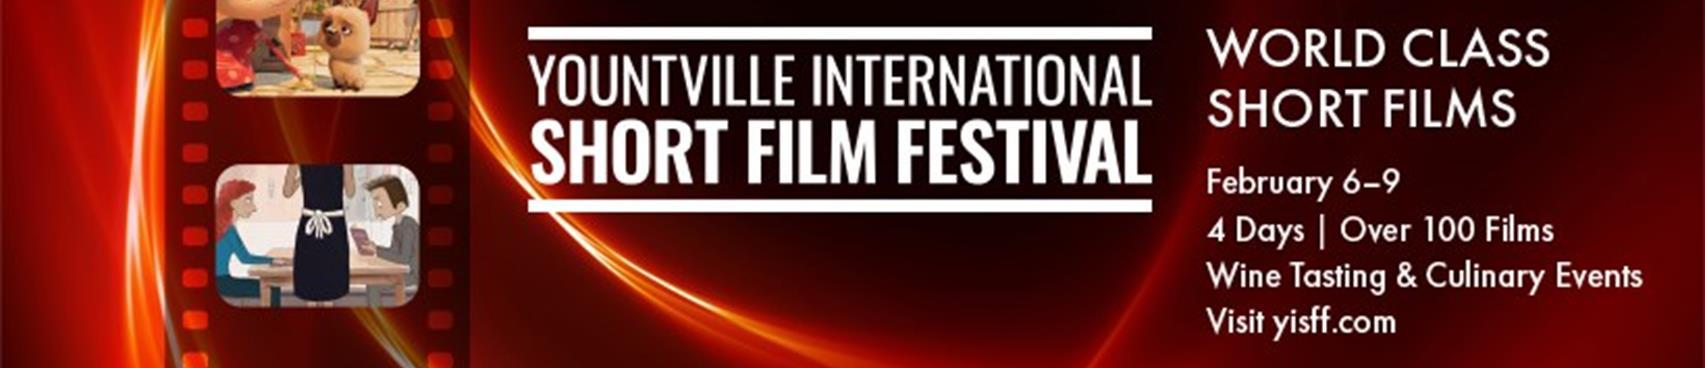 2020 Yountville International Short Film Festival